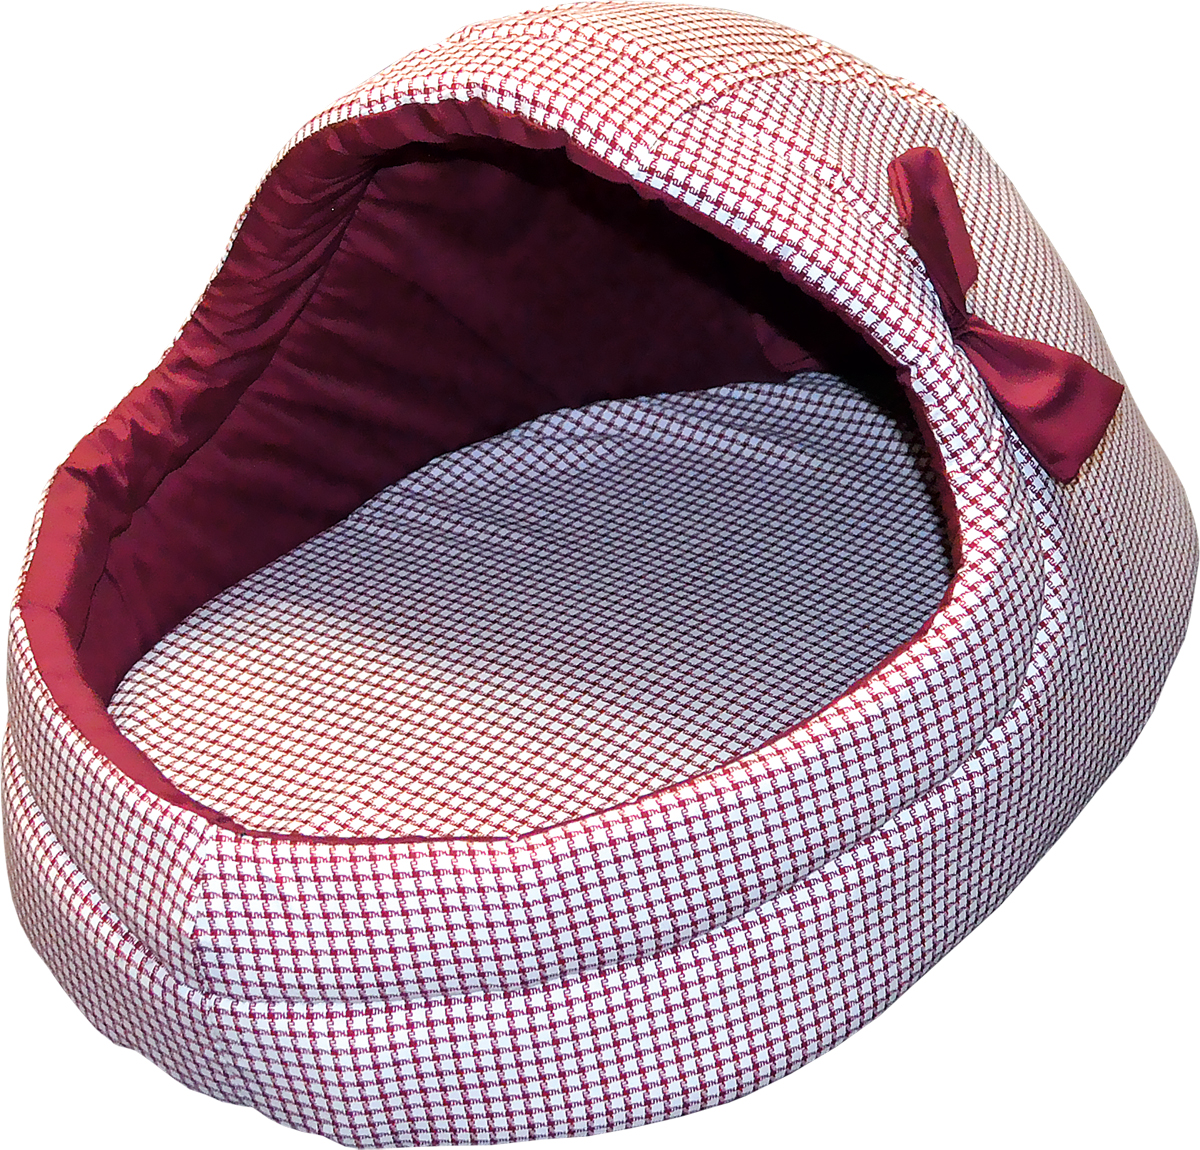 Лежак для животных Зооник  Тапок с бантиком , цвет: бордовый, 36 х 53 х 33 см - Лежаки, домики, спальные места